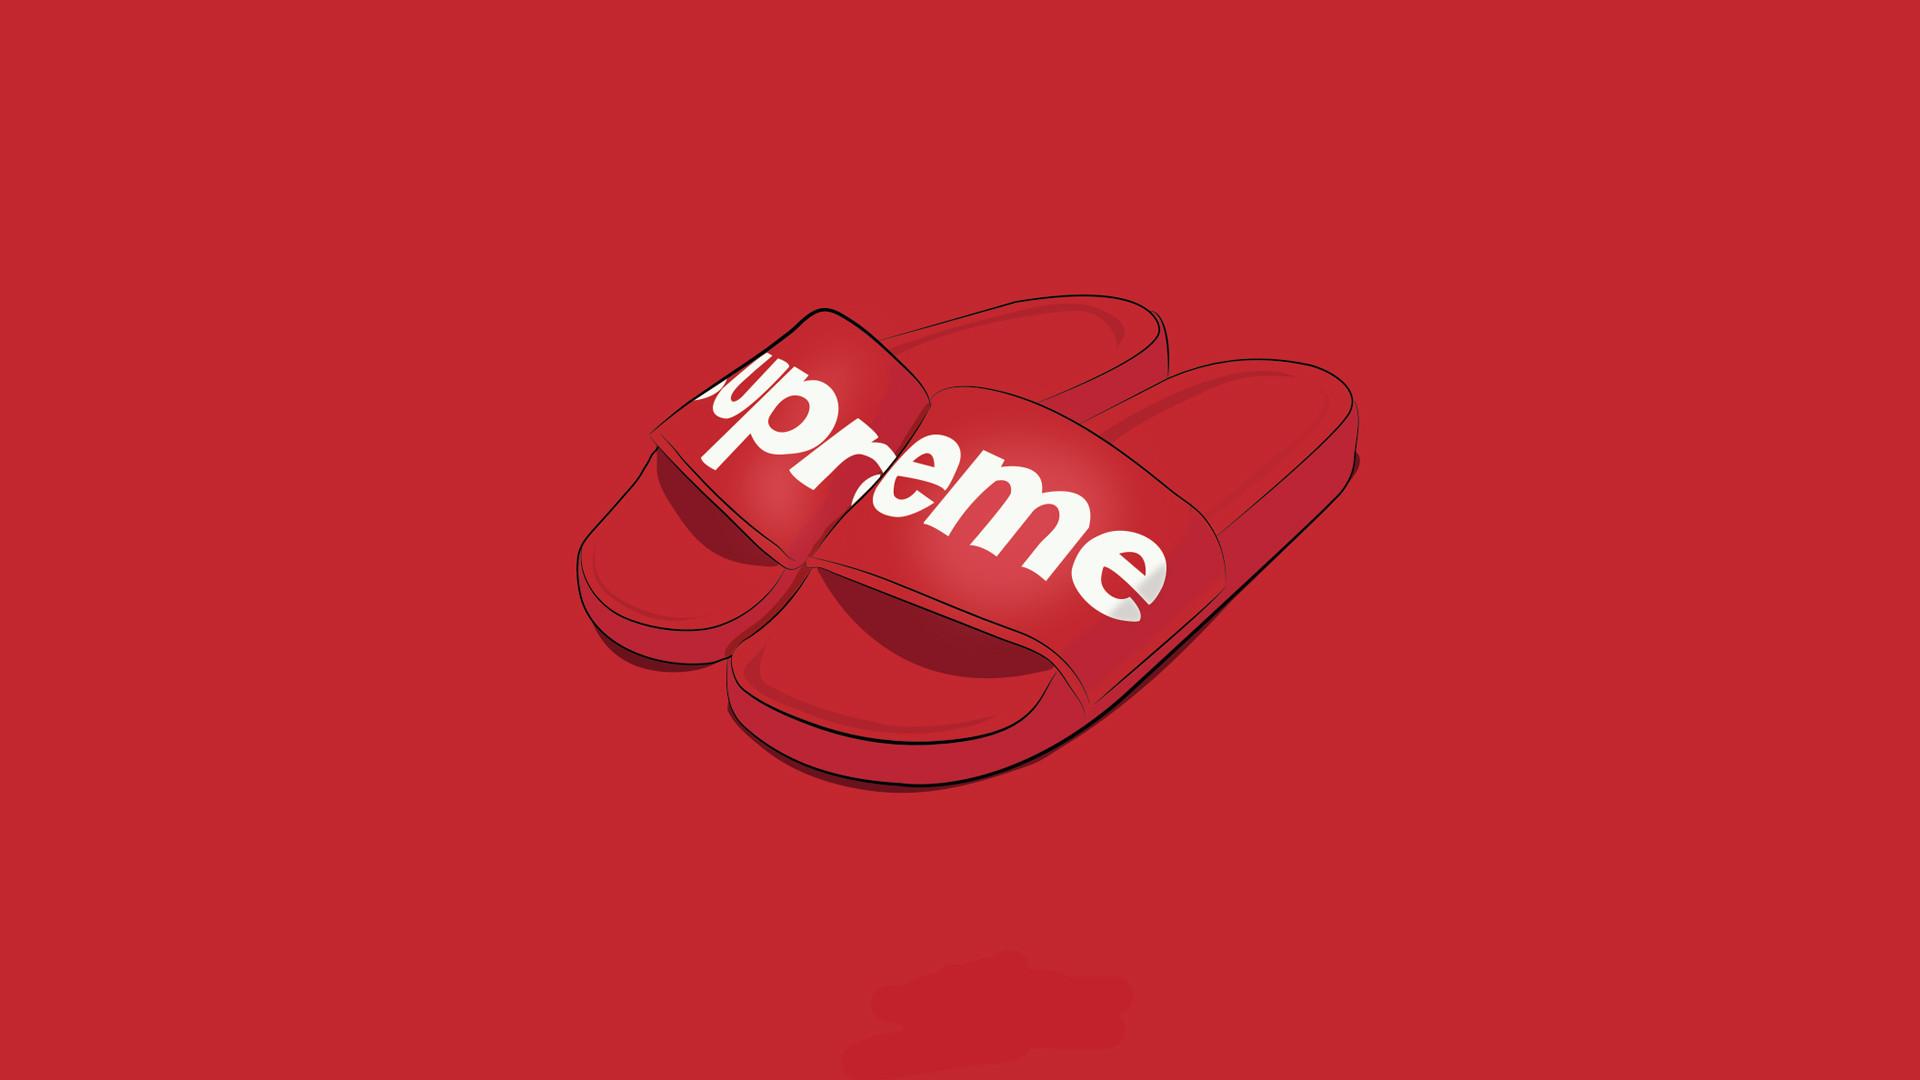 carhartt, logos, supreme, wallpaper – image #3158636 by Lauralai .